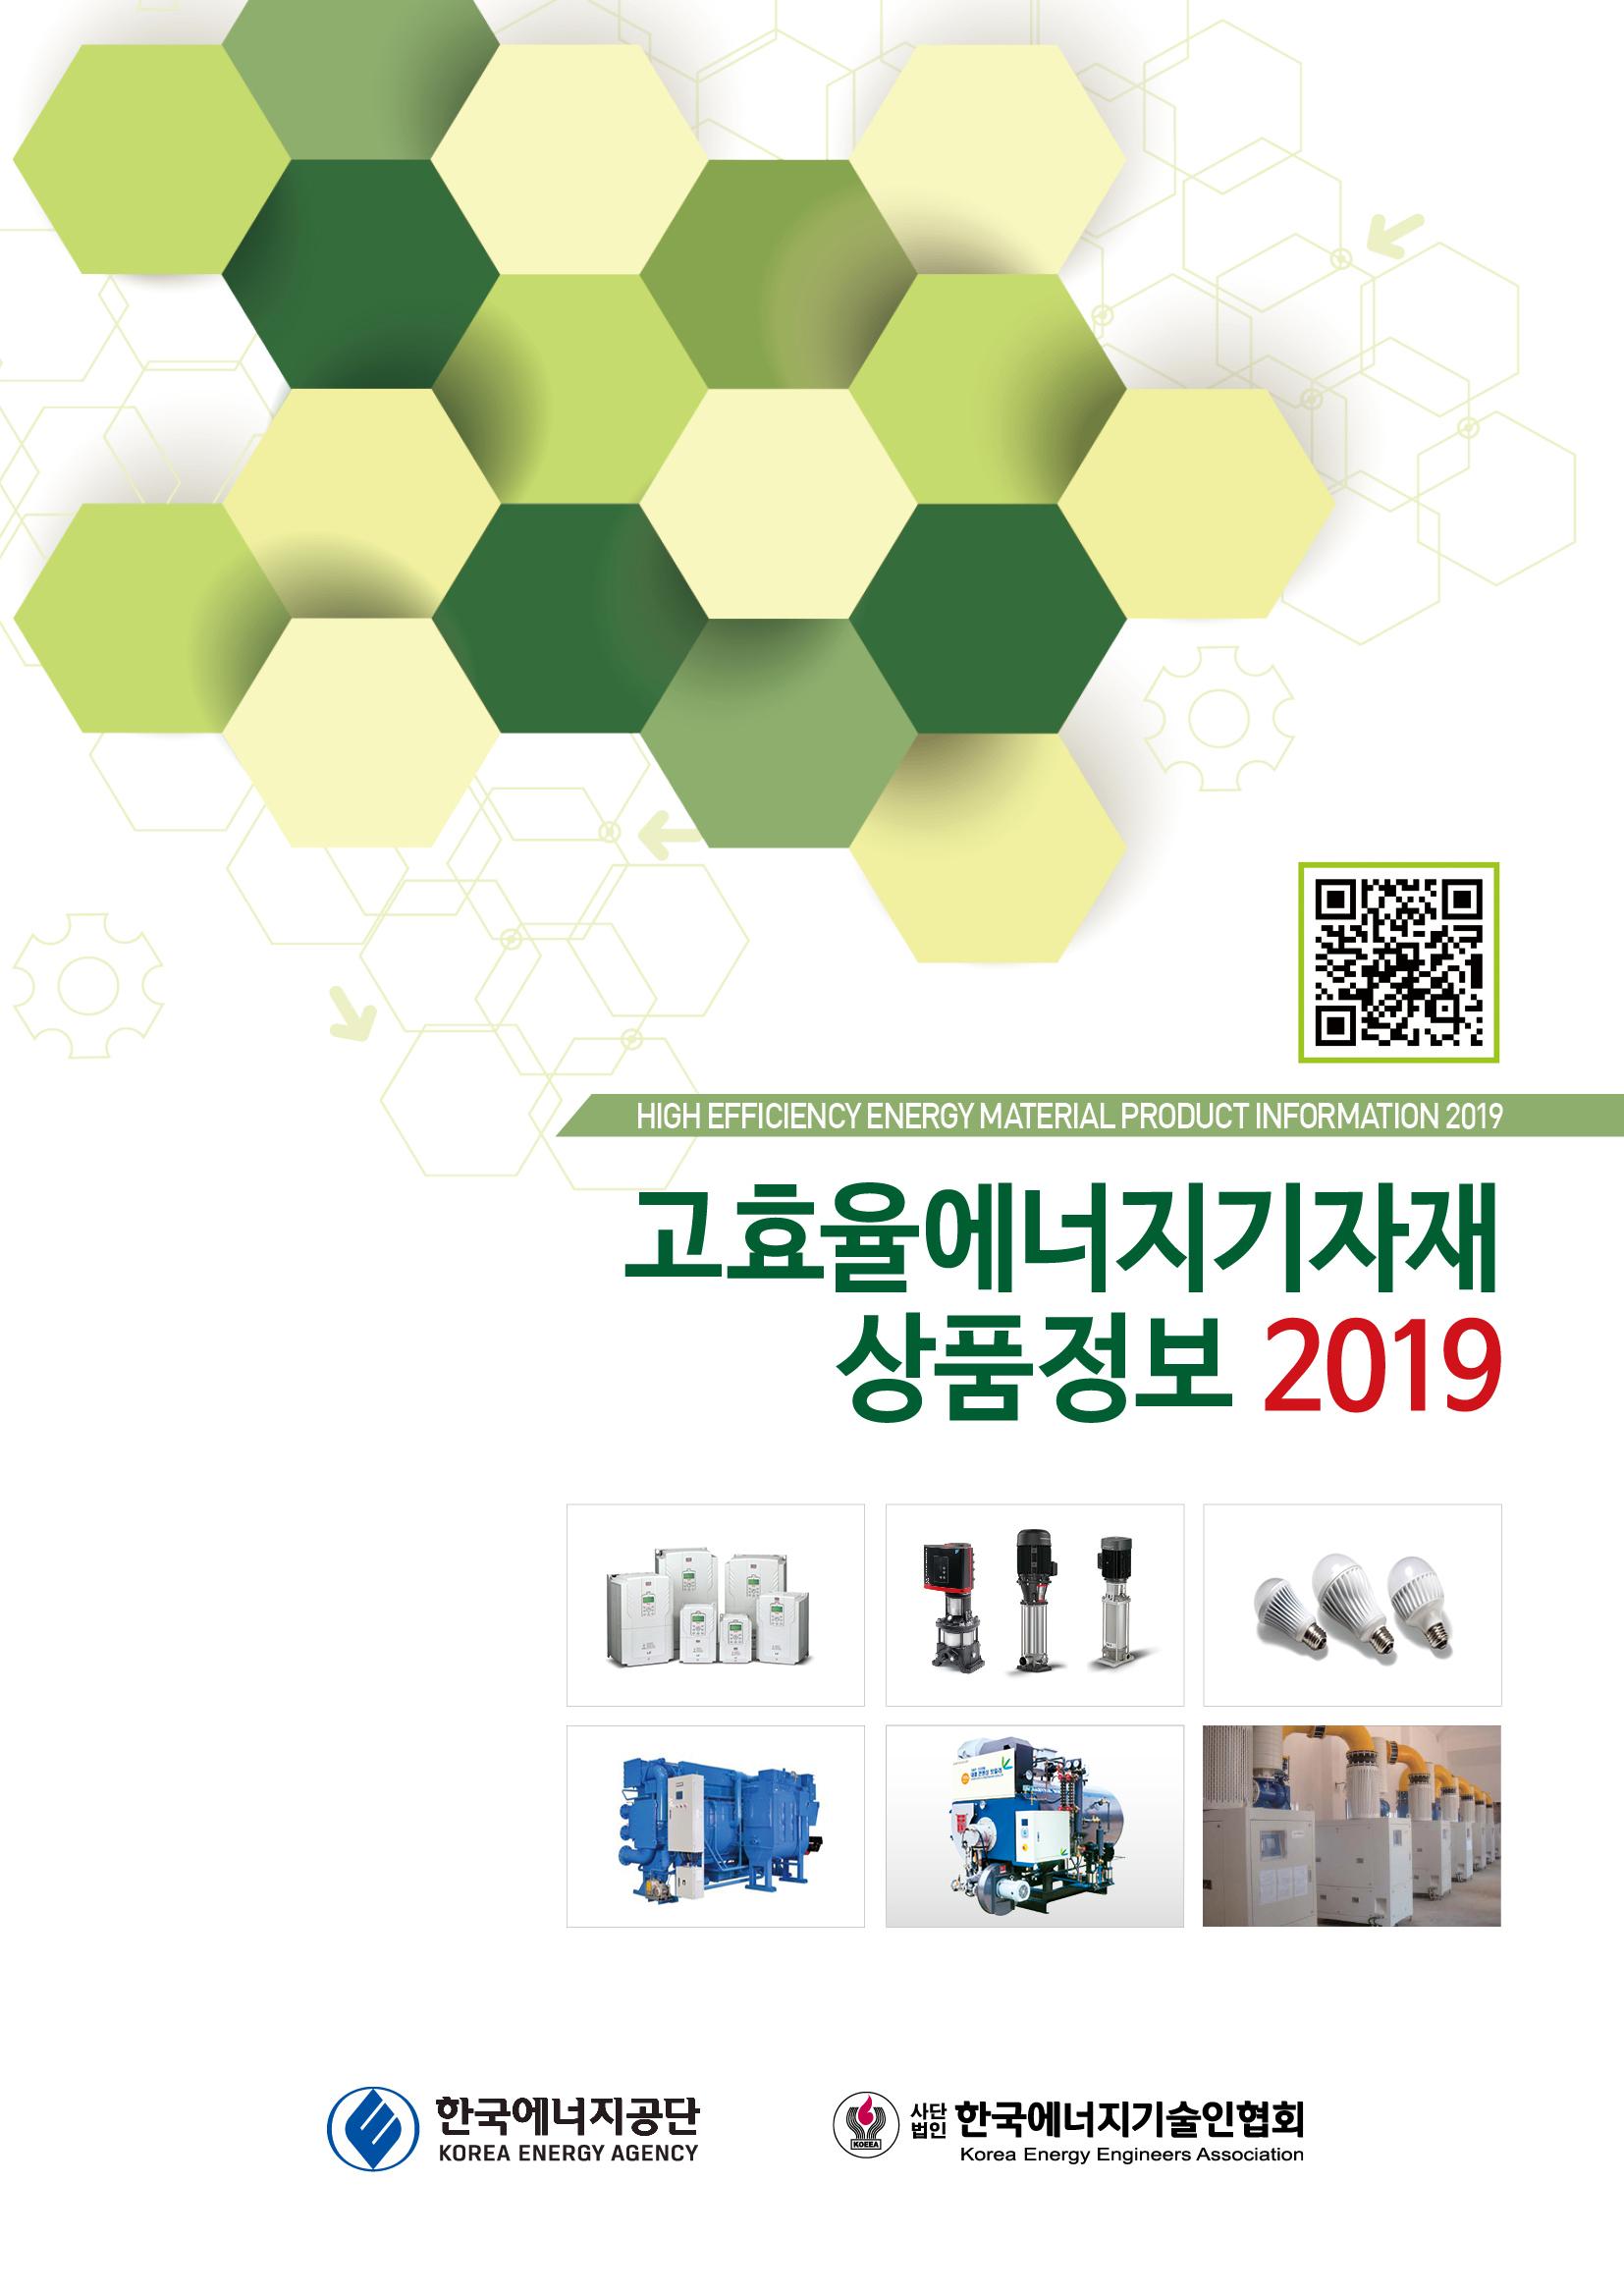 <고효율에너지기자재상품정보 2019> E-BOOK